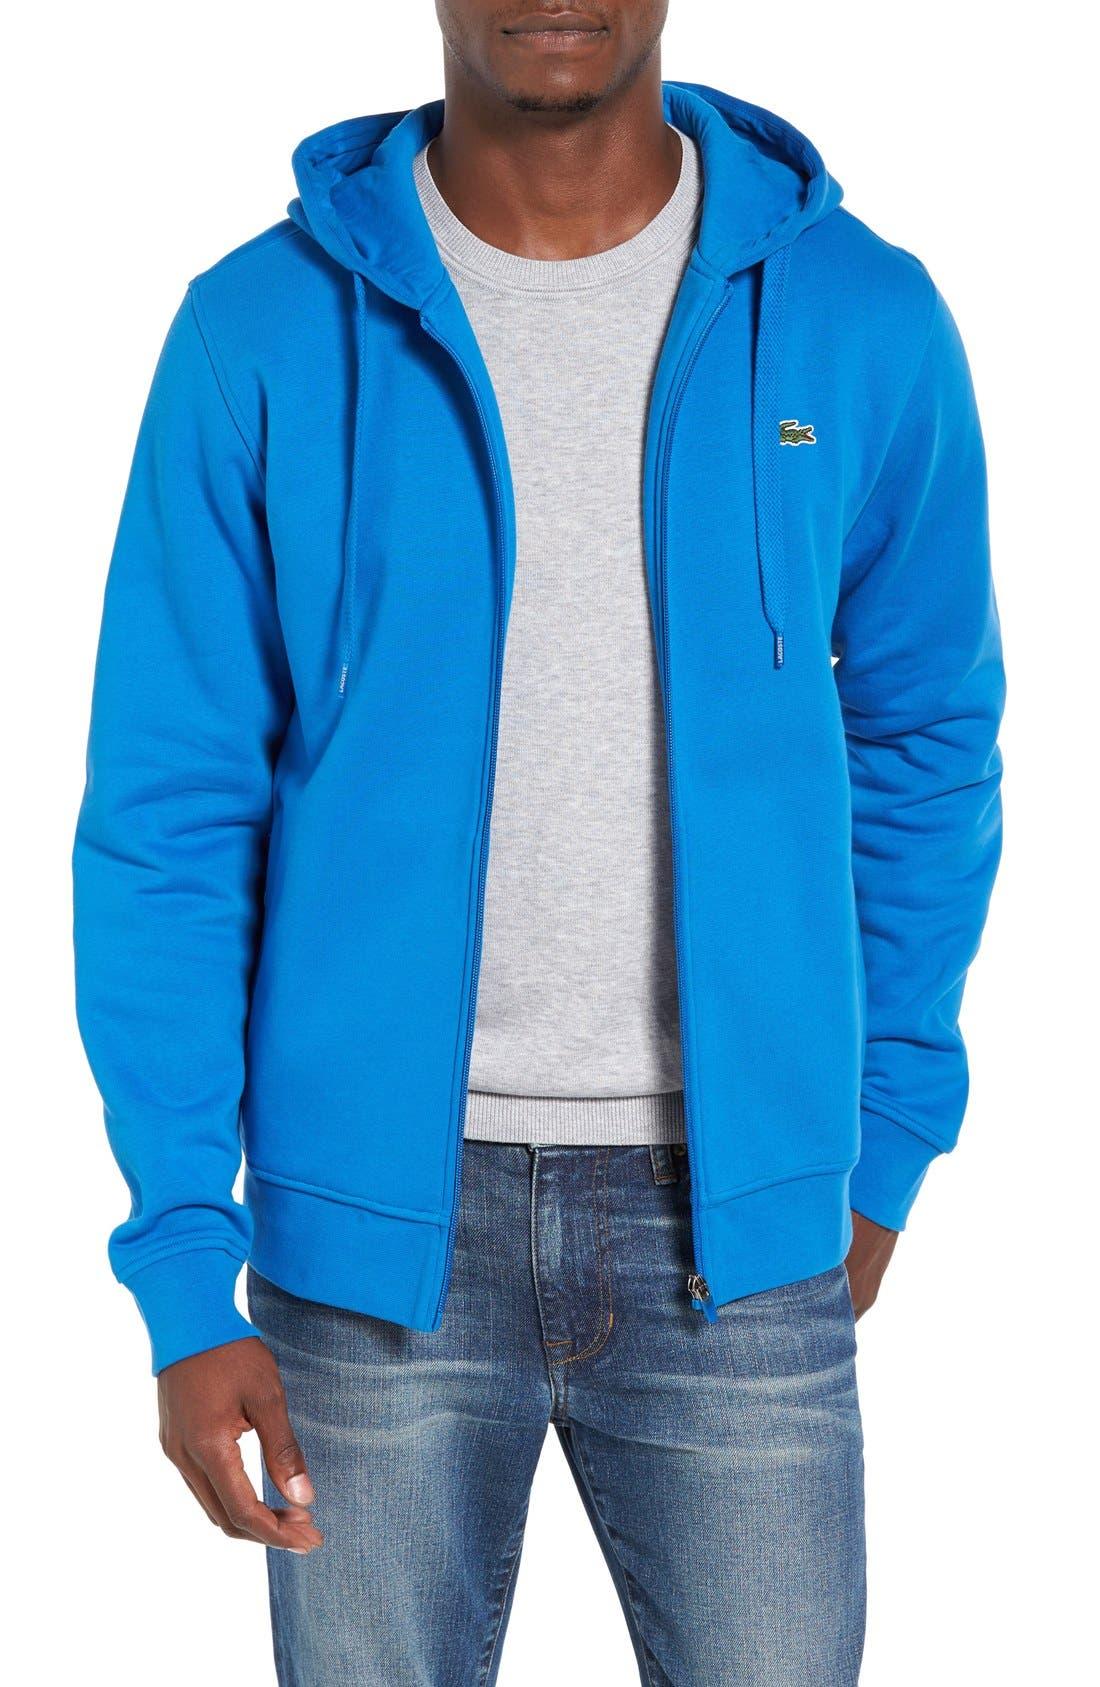 Alternate Image 1 Selected - Lacoste 'Sport' Zip Hoodie